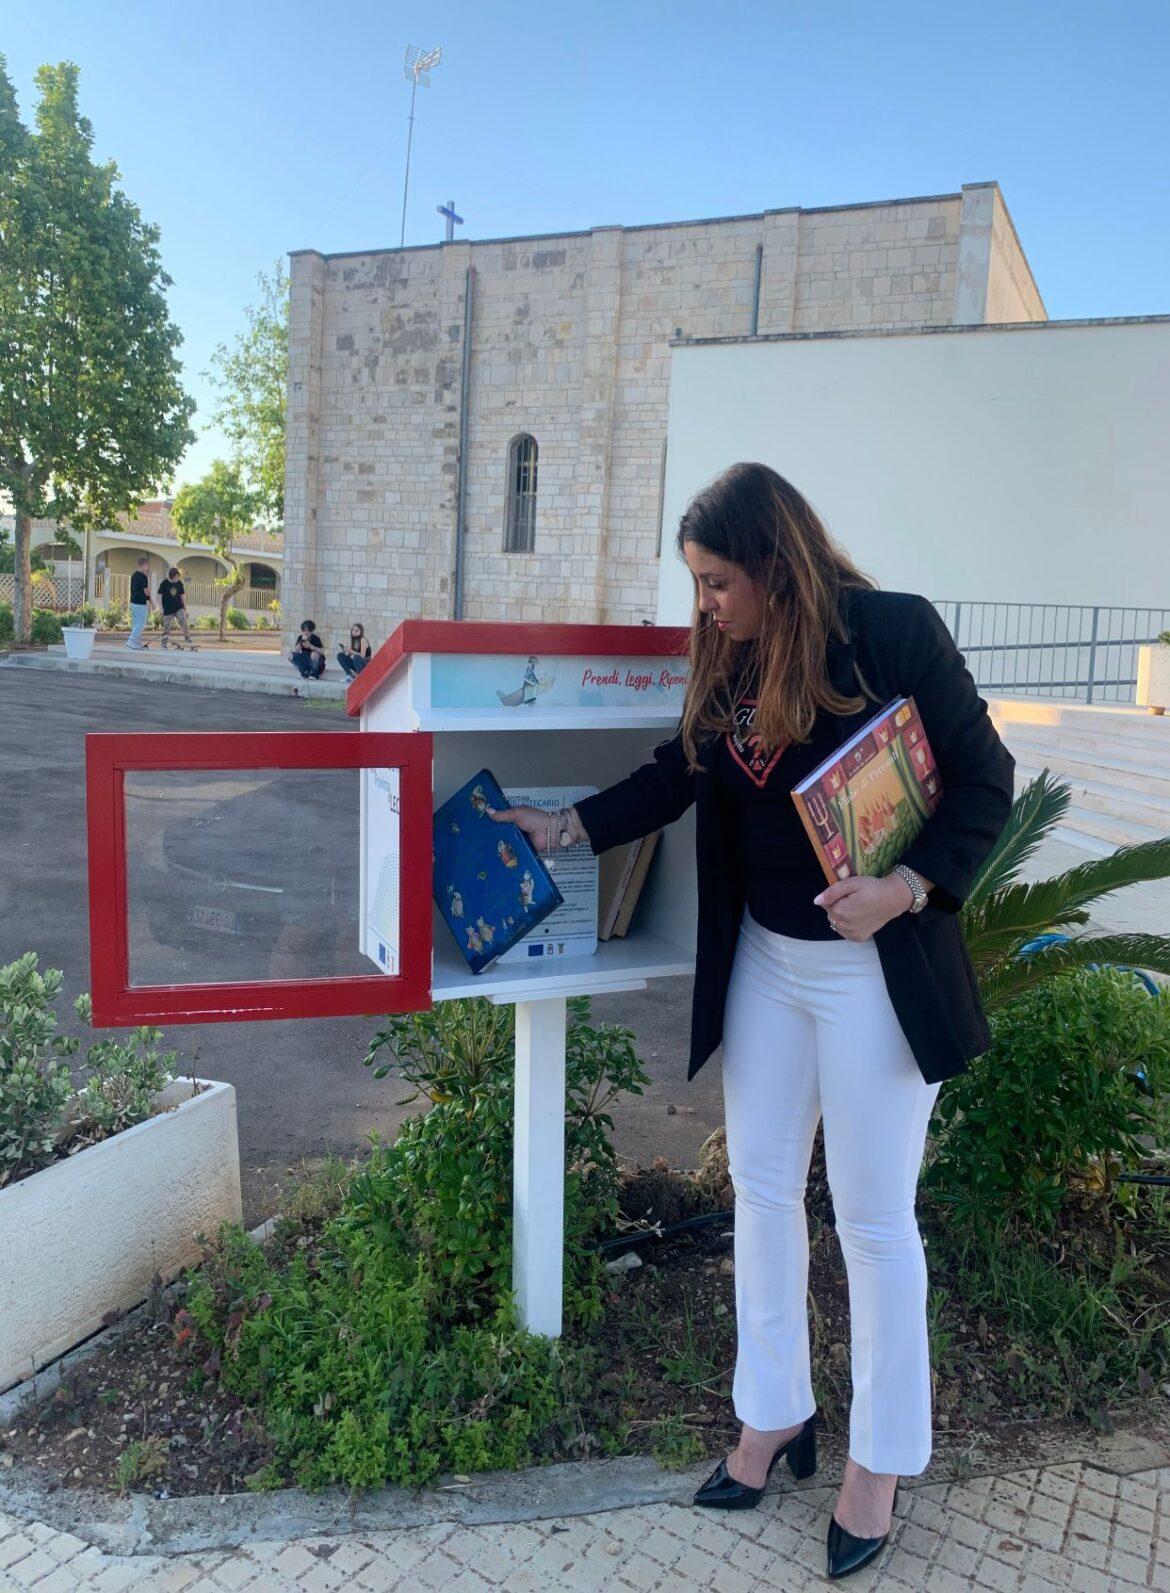 """Letture gratis a Porto Cesareo e Torre Lapillo con il """"Passalibro"""". E l'assessora Paladini dona testi per i più piccoli"""